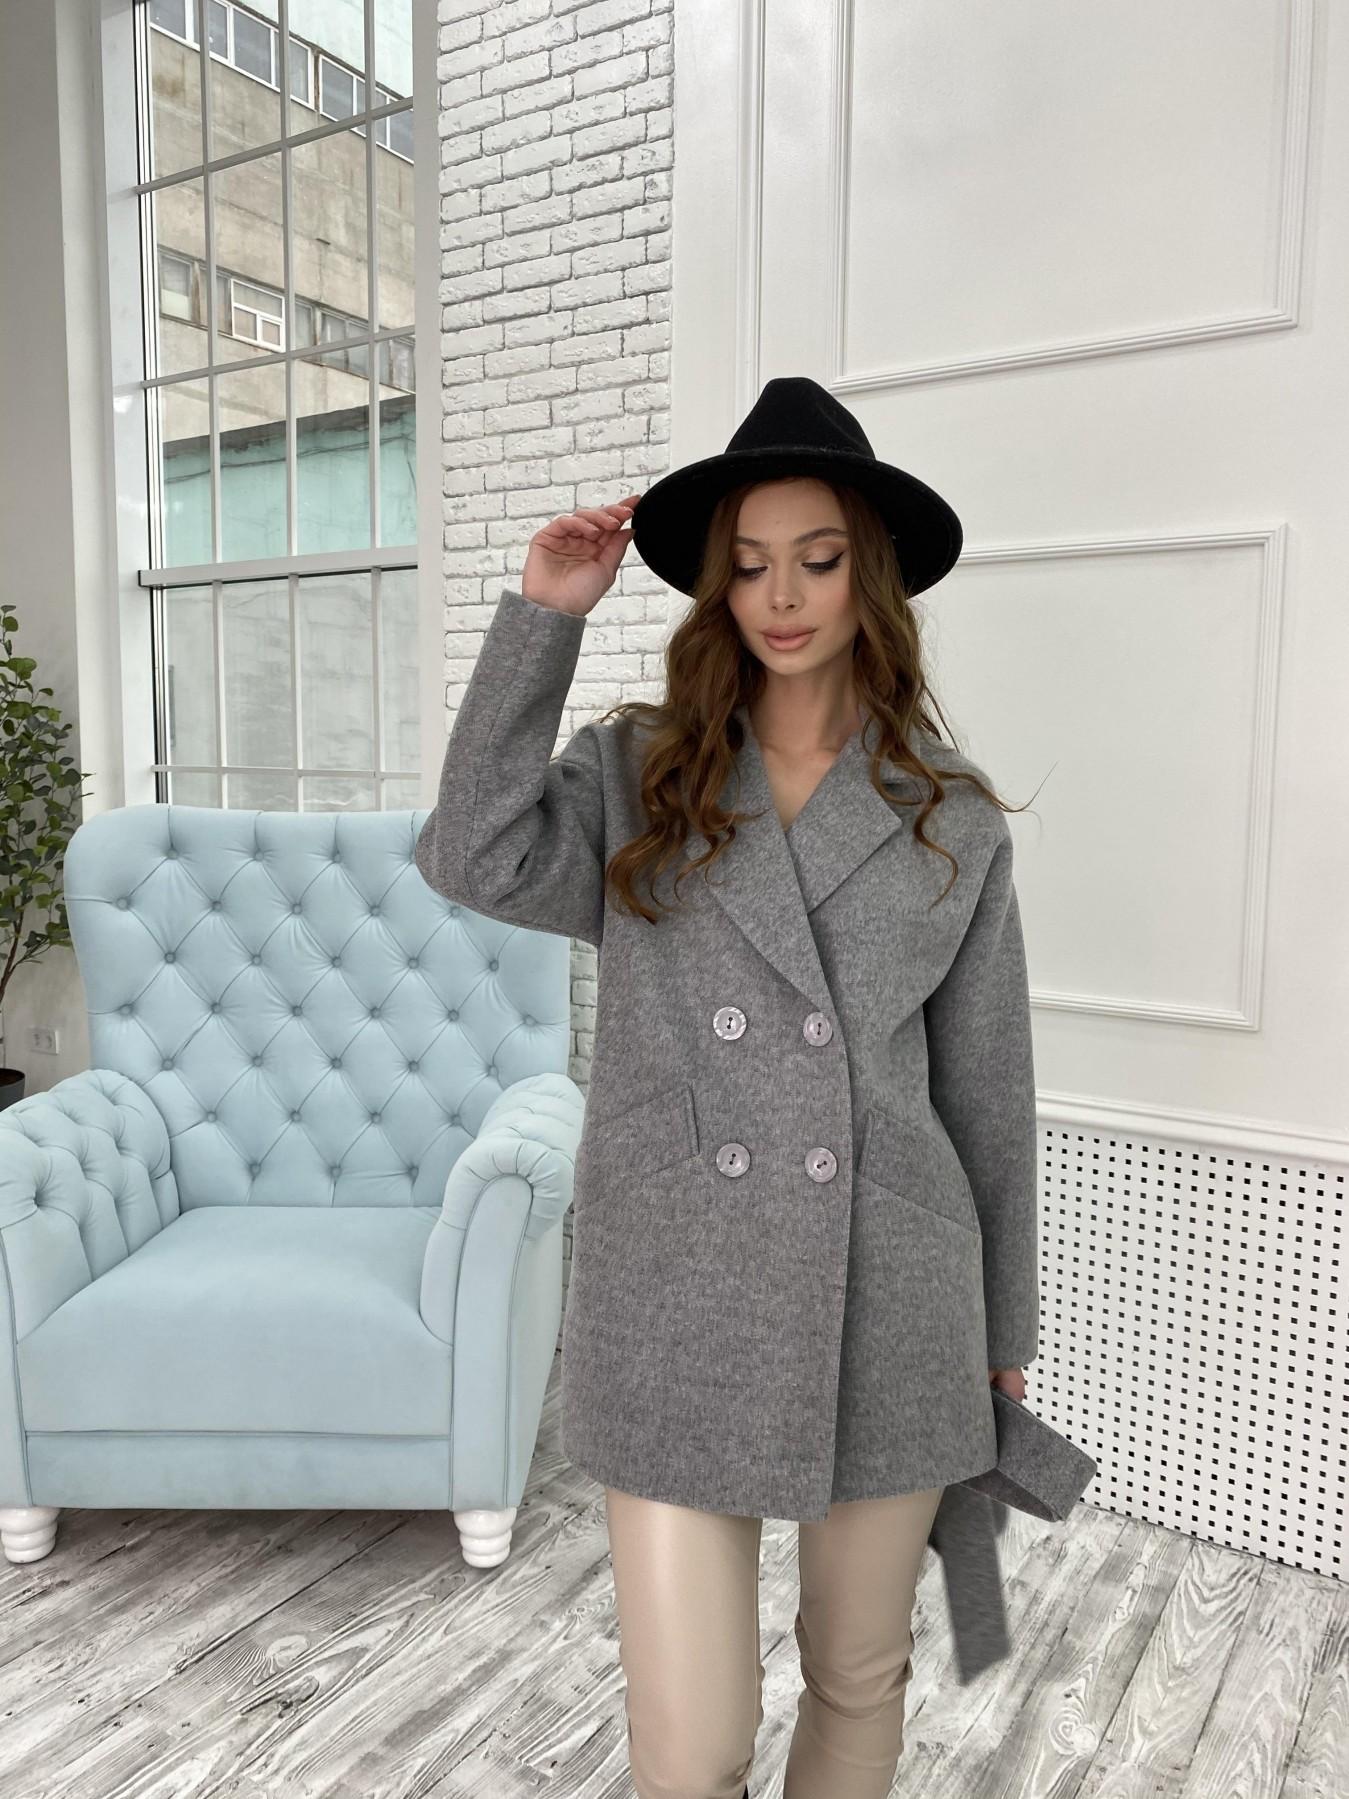 Бонд пальто  кашемировое меланж на трикотаже  10644 АРТ. 47176 Цвет: Серый 1 - фото 4, интернет магазин tm-modus.ru